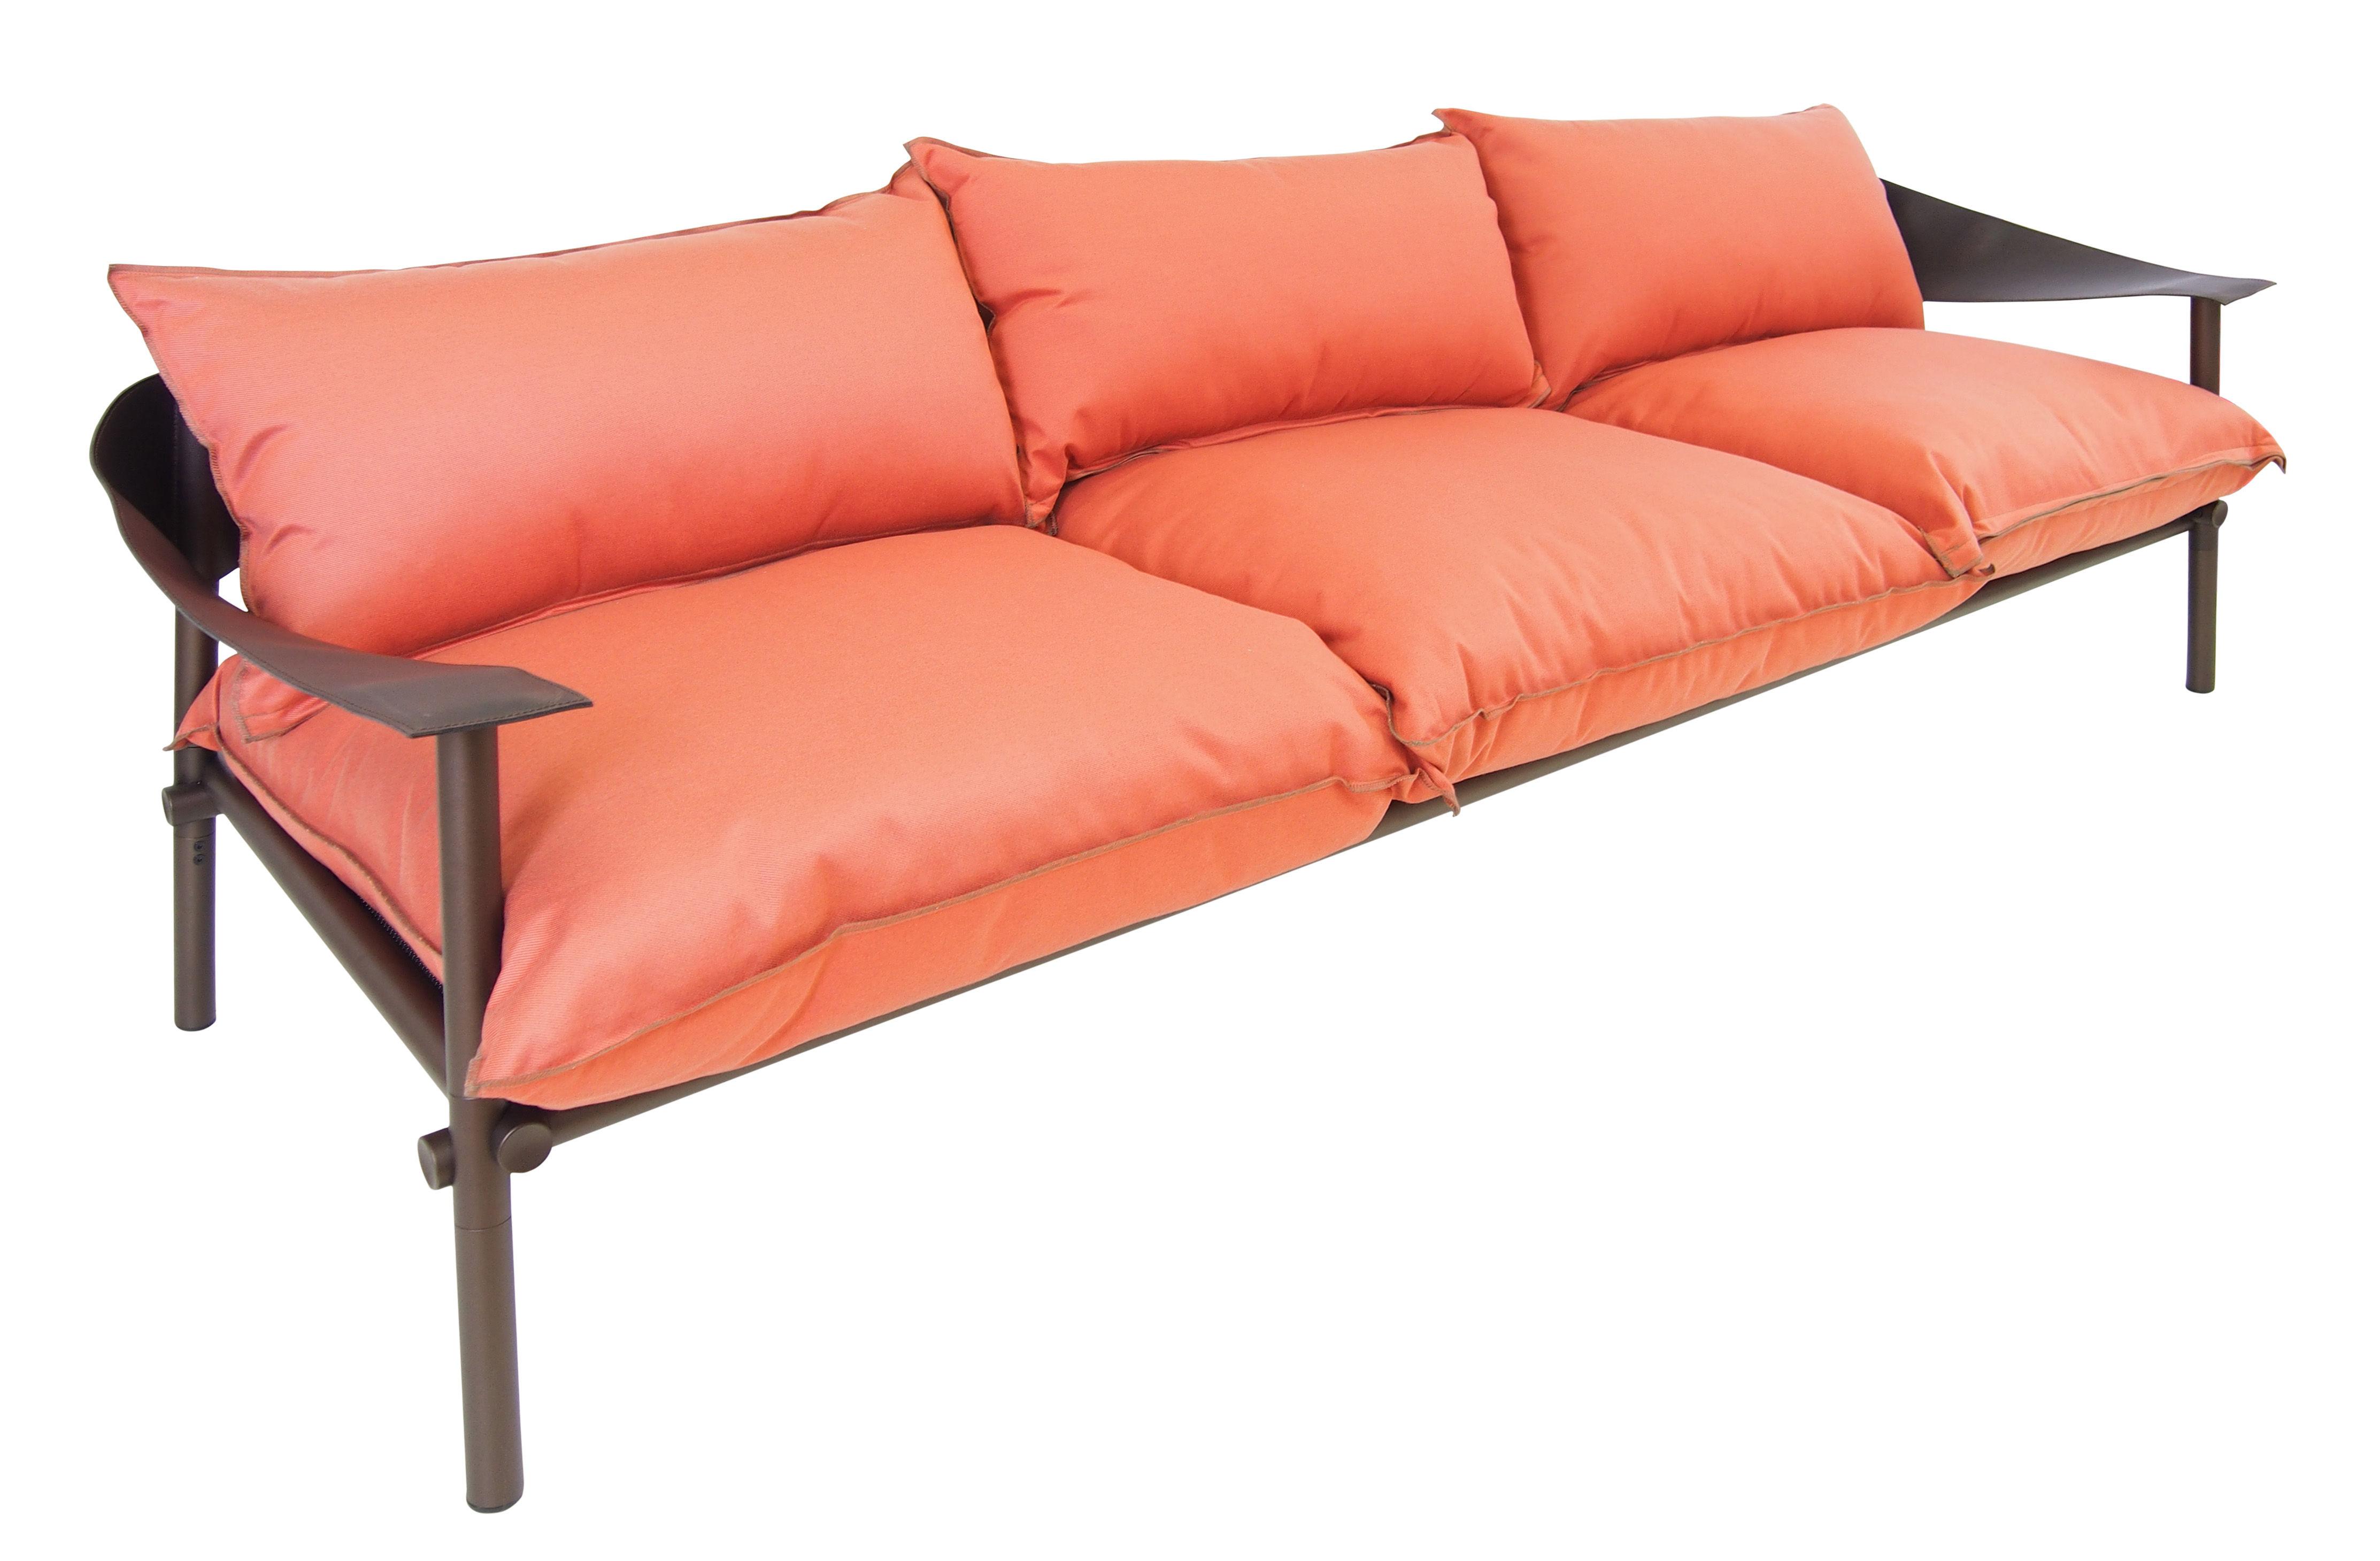 Divano Arancione E Marrone : Divano destro terramare emu arancione ecopelle marrone